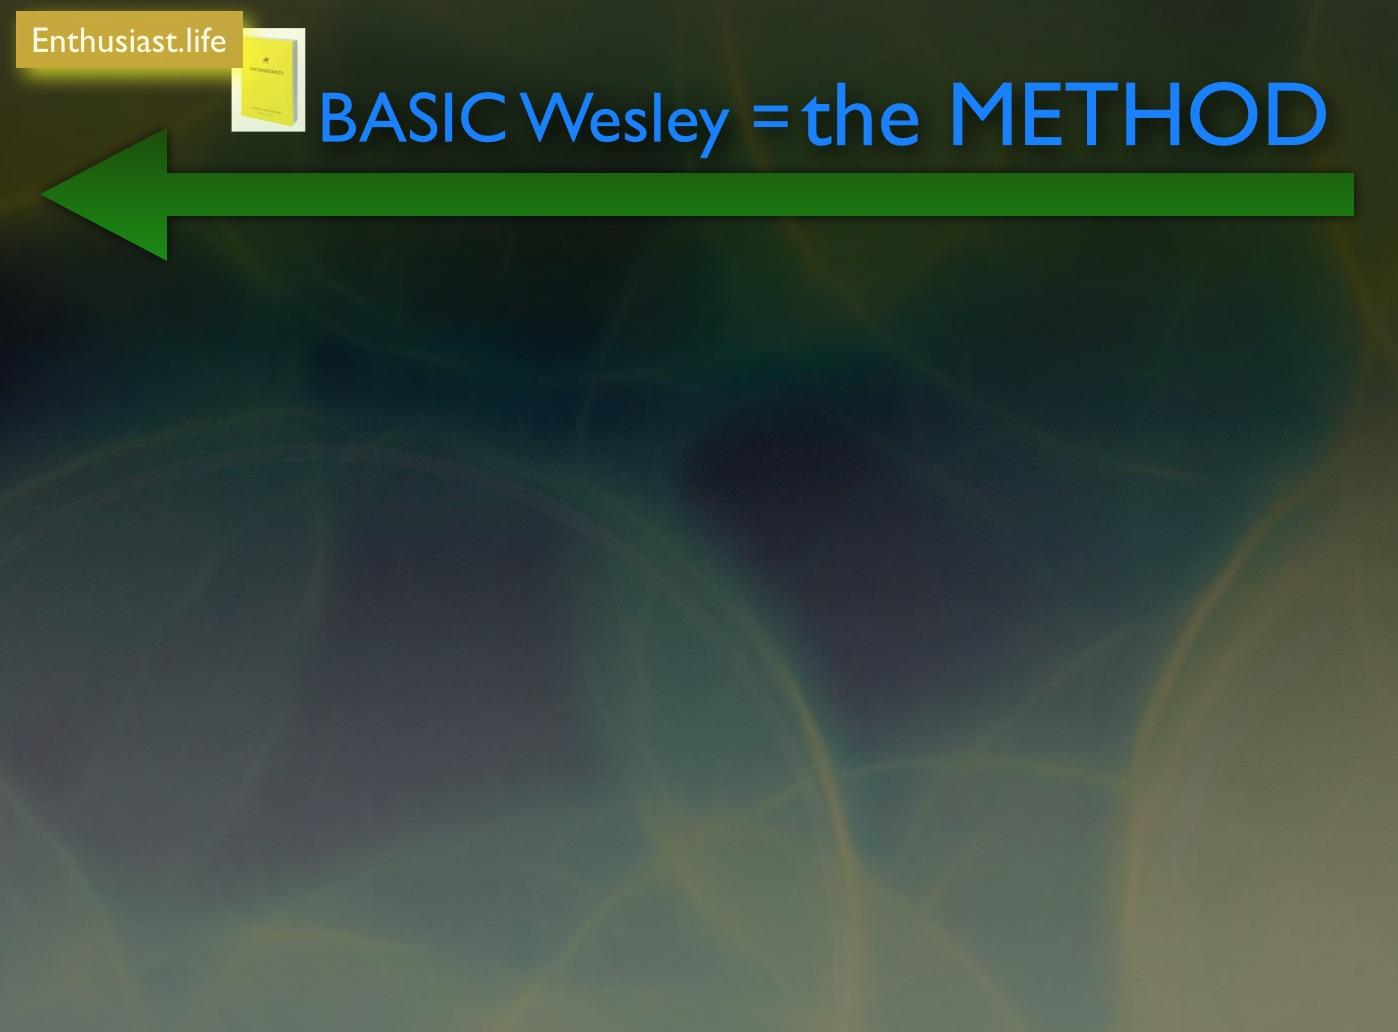 3 basics of method 1.jpg